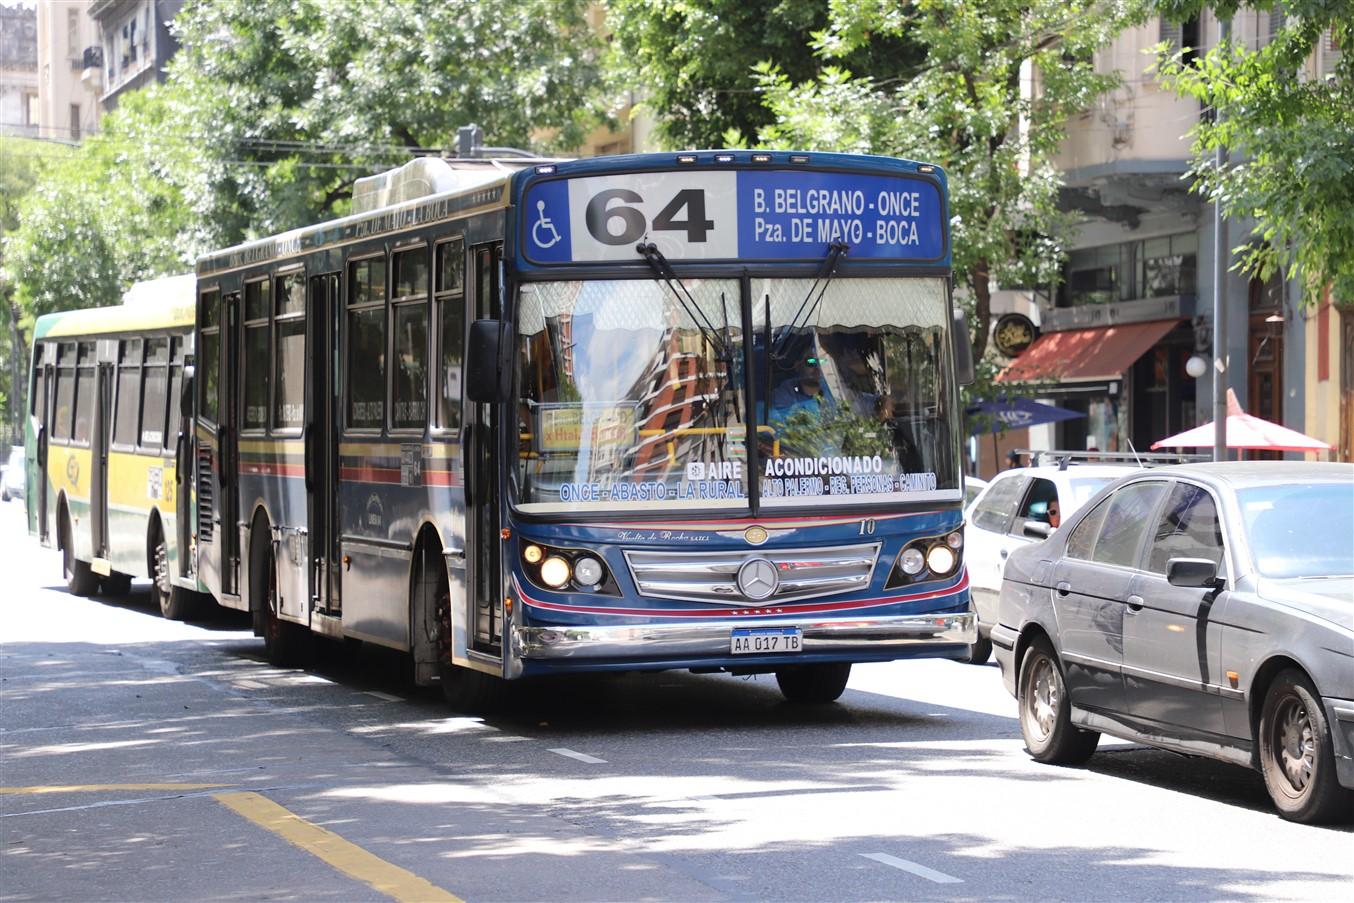 2020 01 11 131 Buenos Aires Art Nouveau Artchitecture Tour.jpg